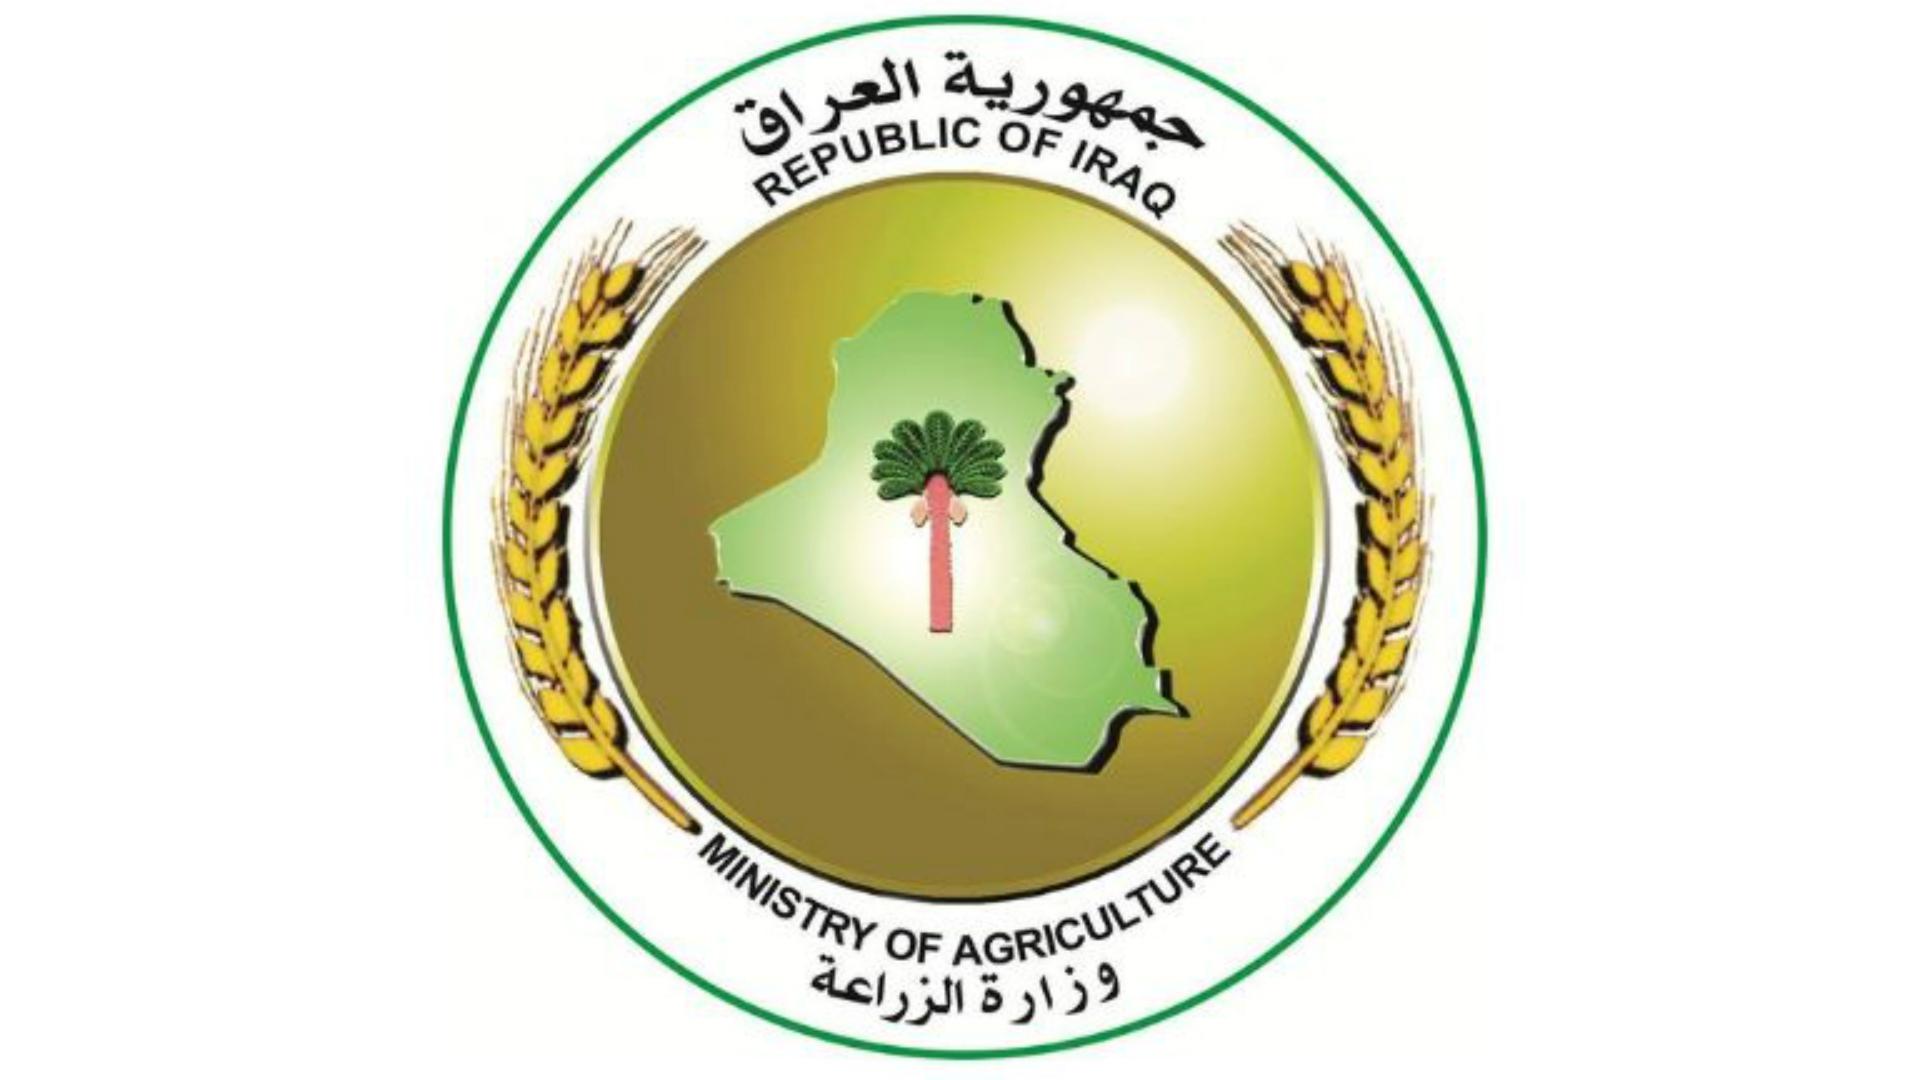 وزارة الزراعة تناقش إنجازات العام وخطط الوزارة للمستقبل المنظور